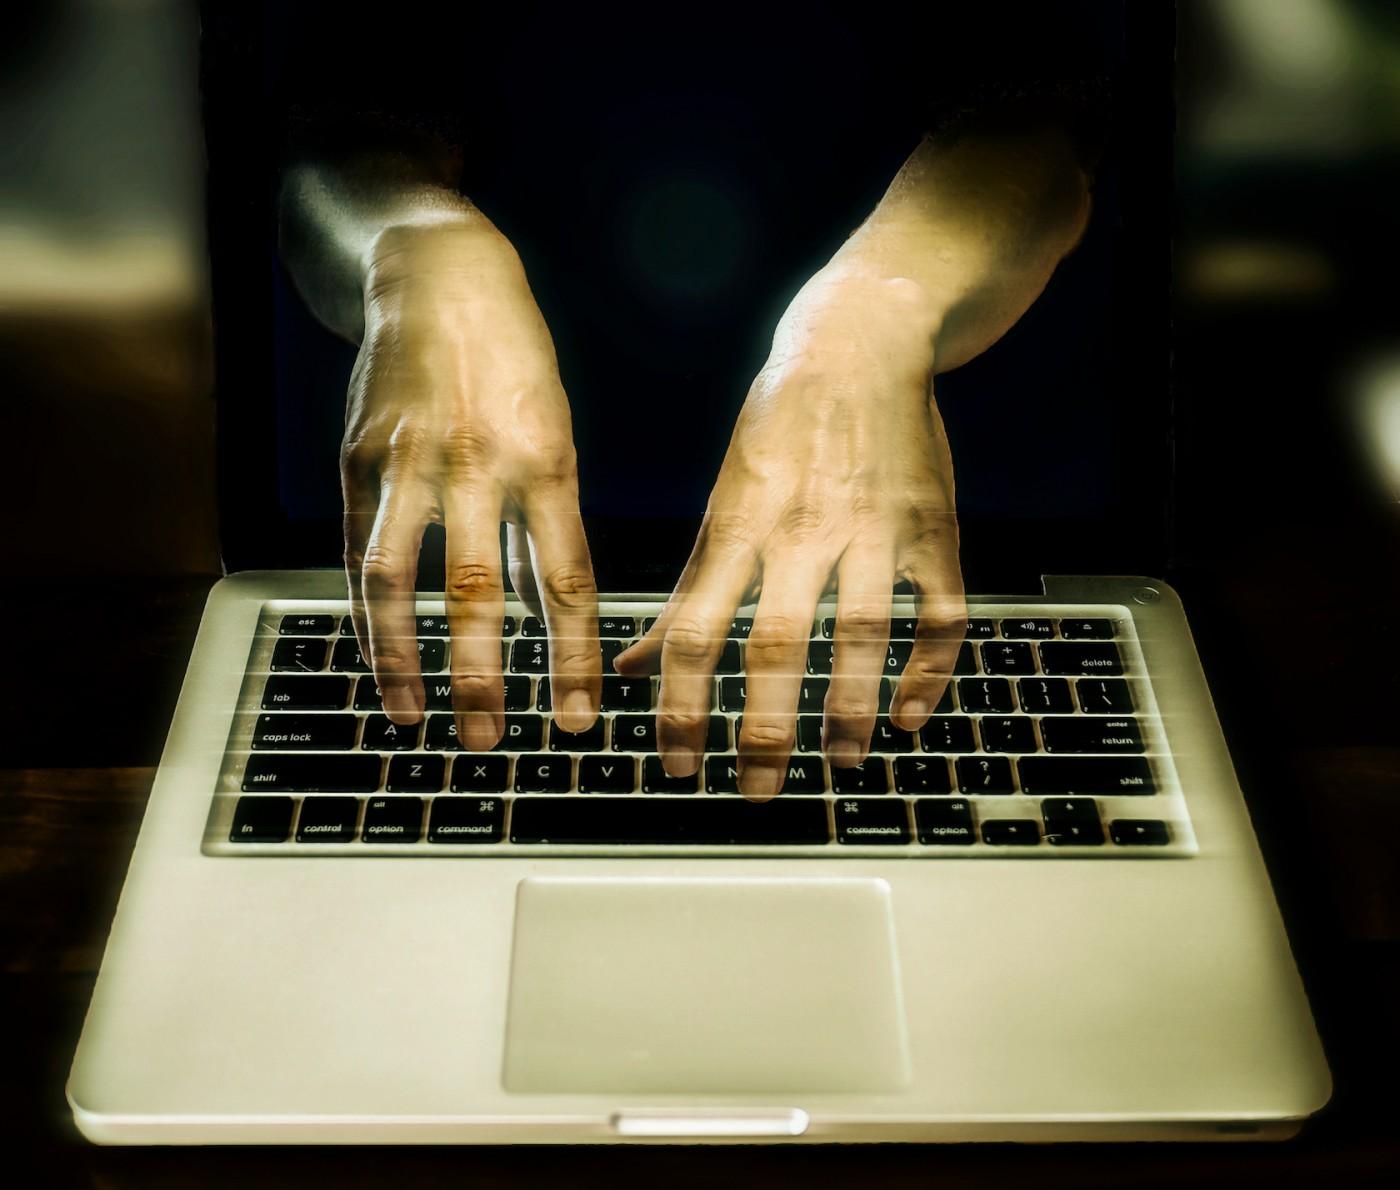 存在多年的漏洞!使用瀏覽器「自動填入」功能恐洩漏重要個資